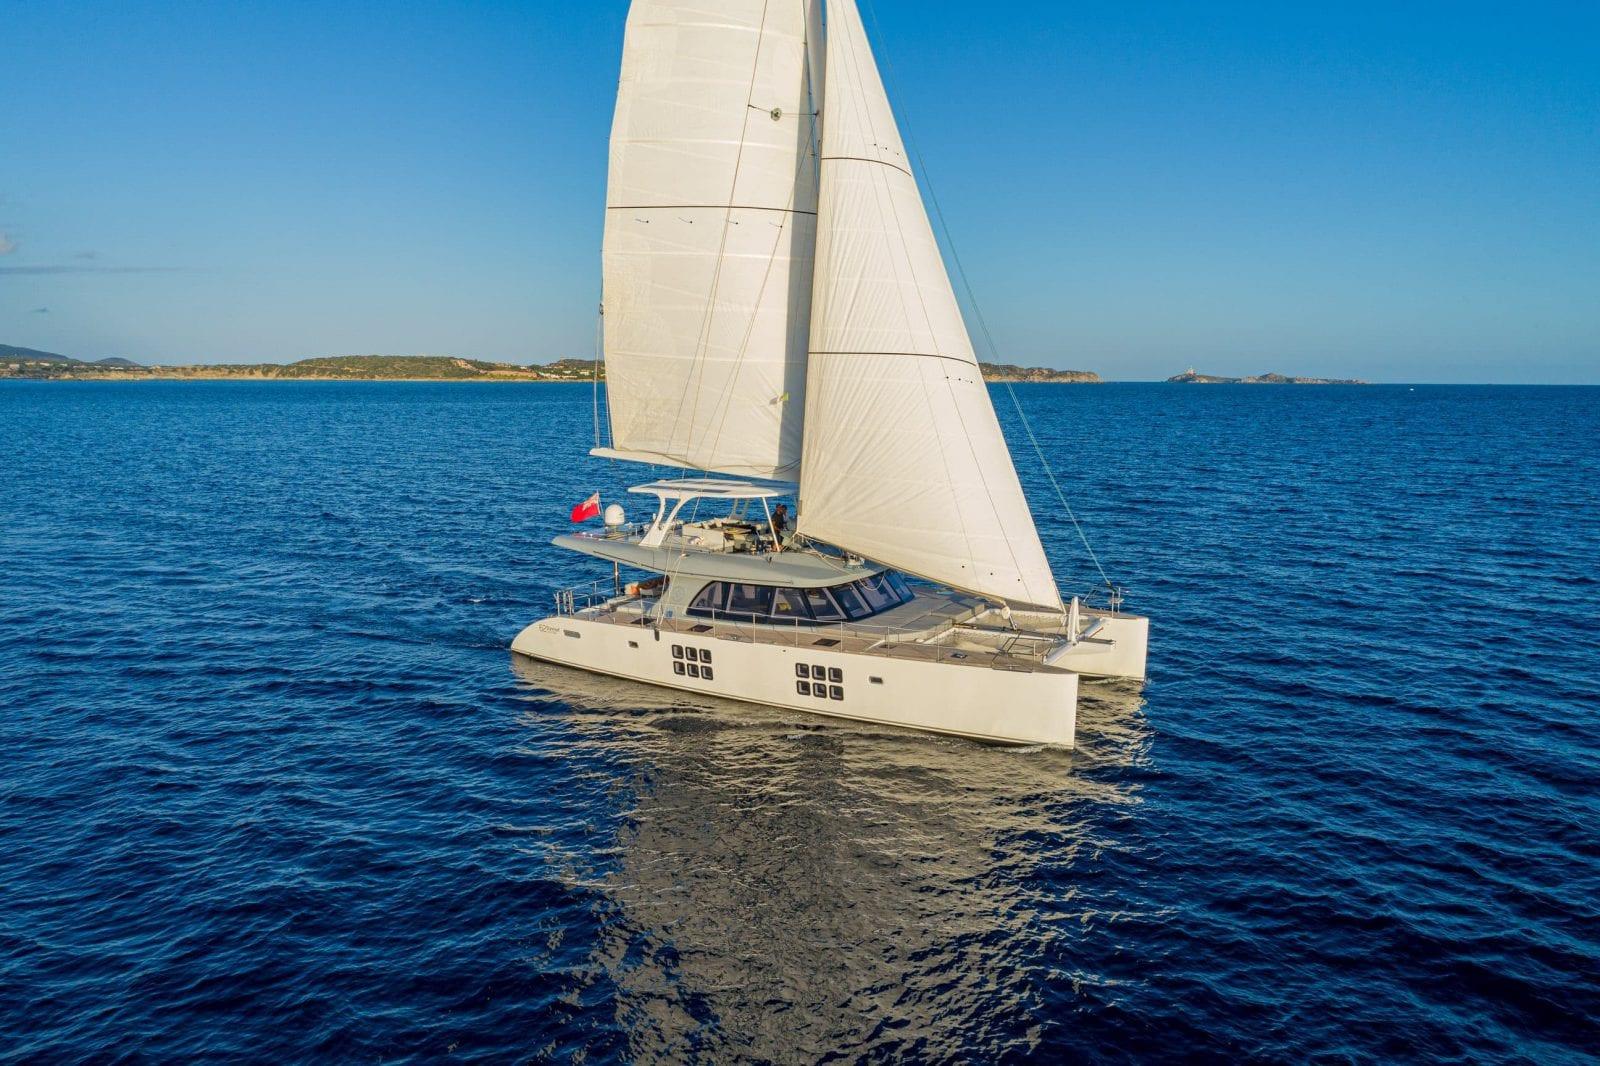 ADEA - Sunreef 62 under sail